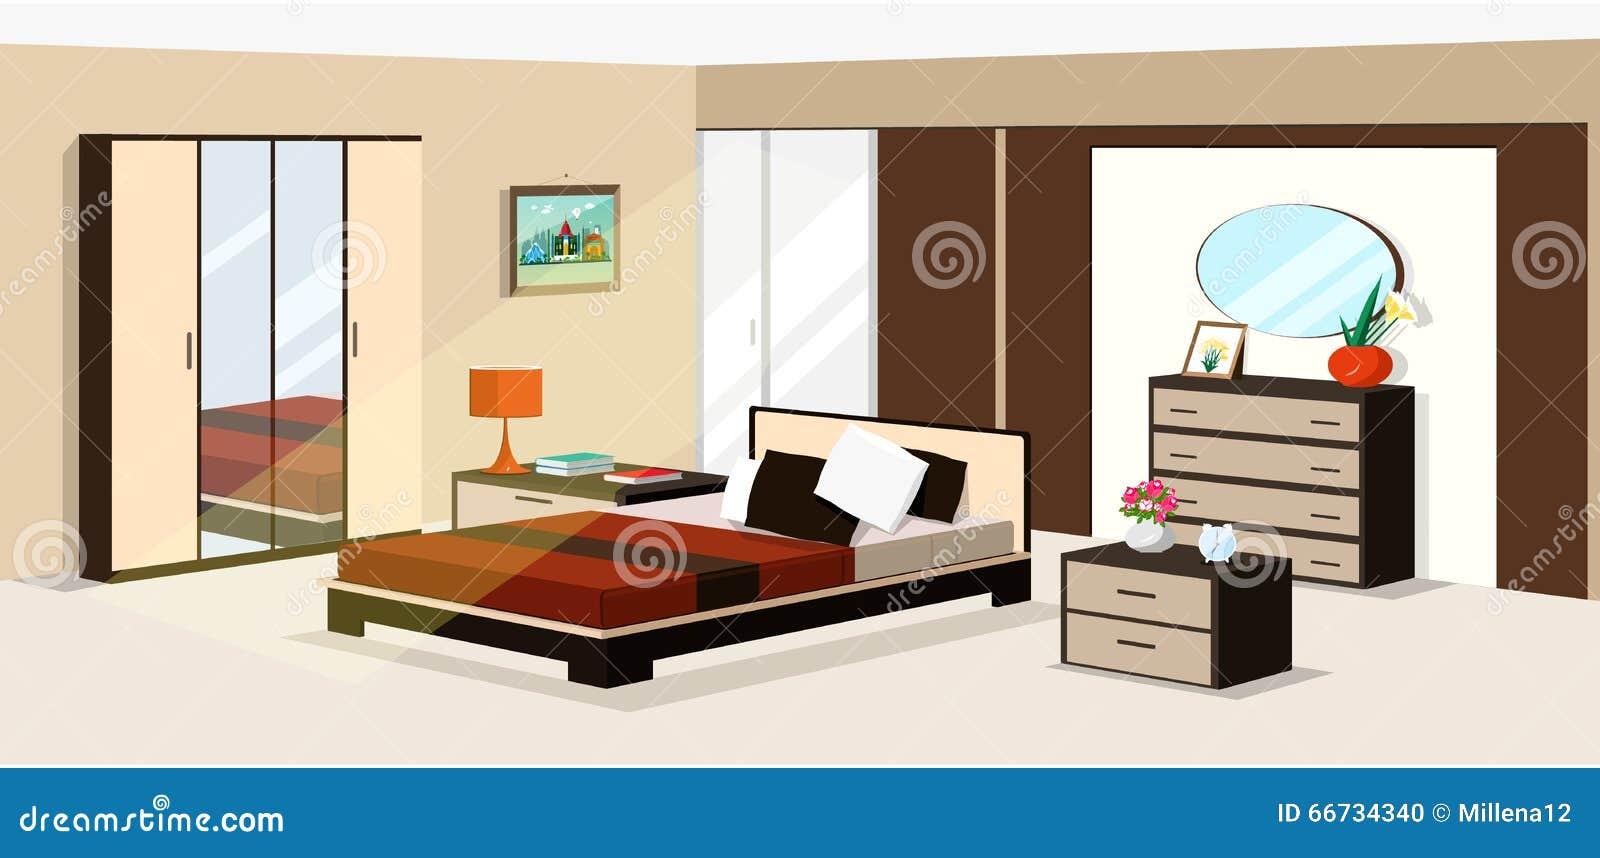 Progettazione isometrica della camera da letto 3d illustrazione di vettore della mobilia - I segreti della camera da letto ...